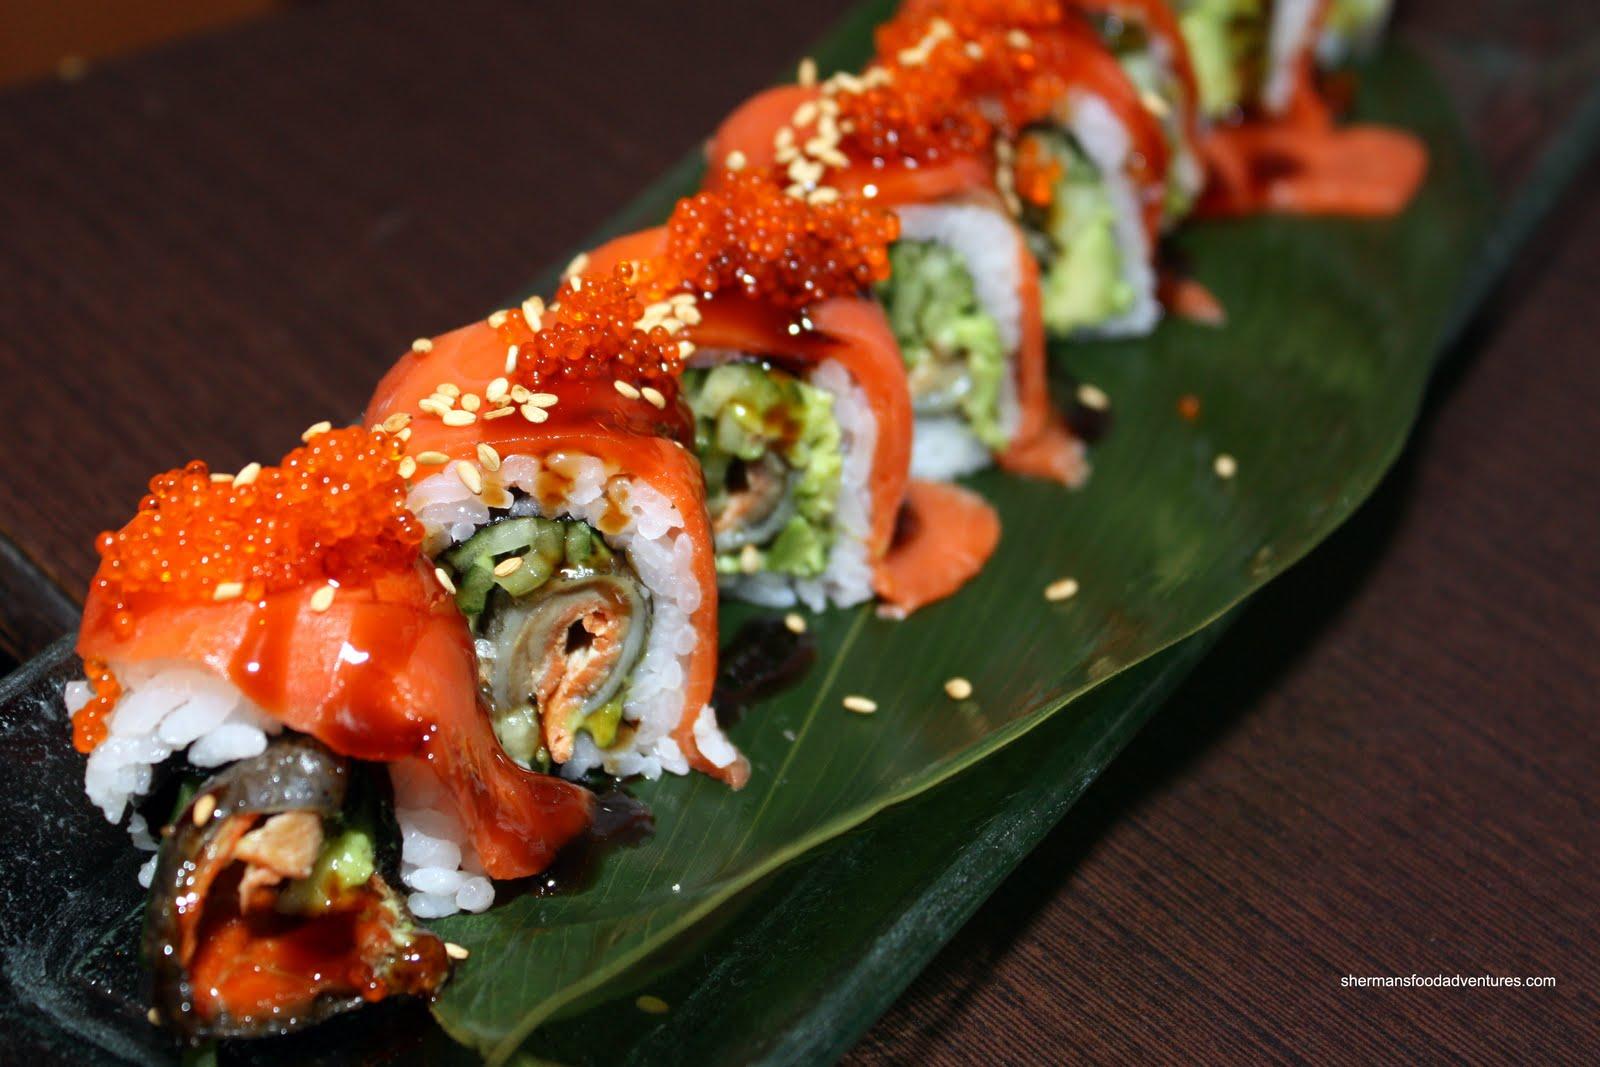 Sherman's Food Adventures: King Sushi